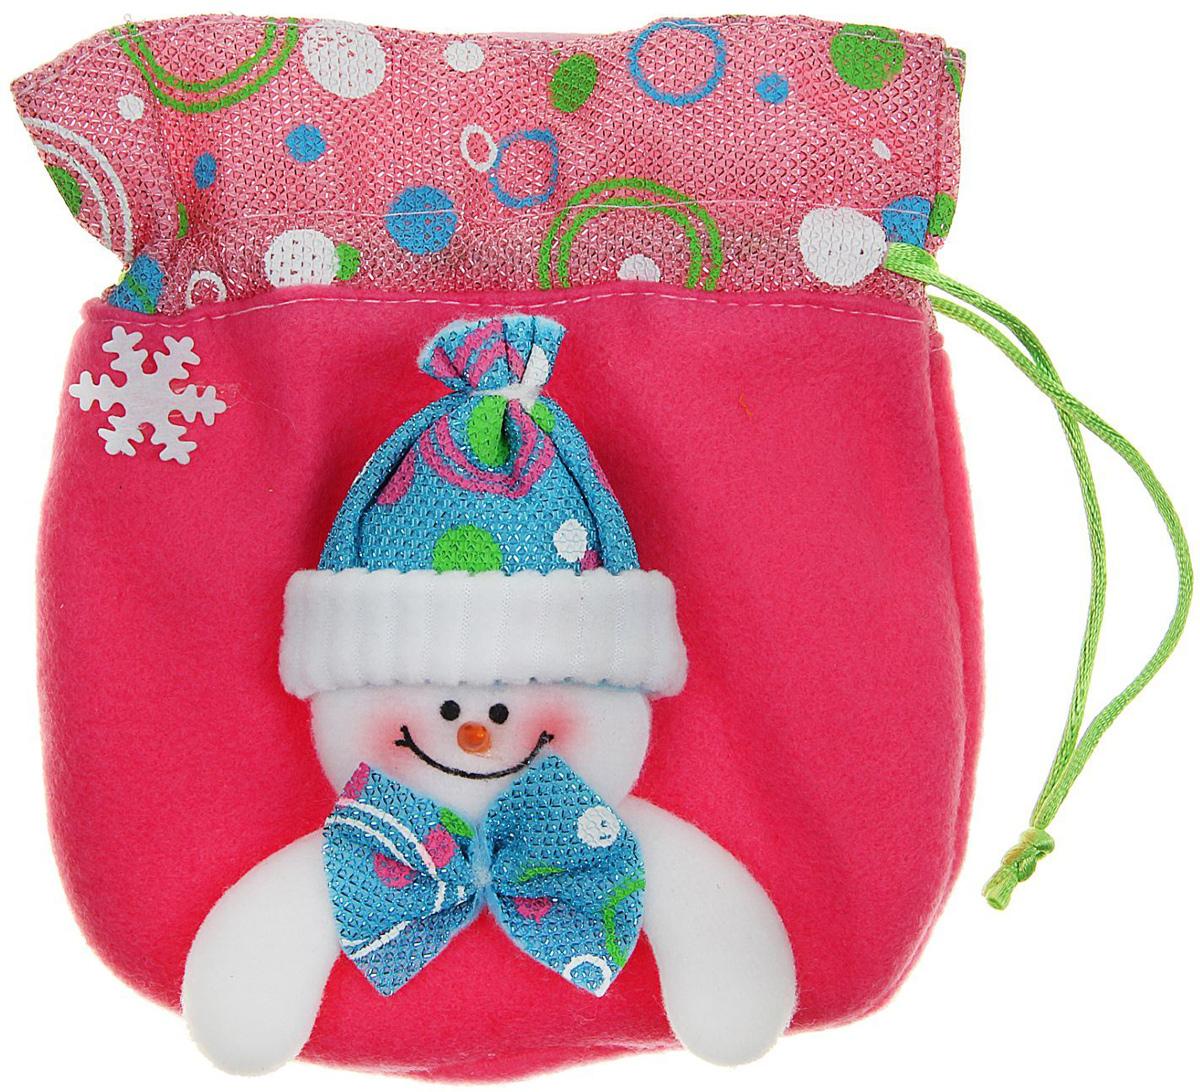 Мешок для подарков Sima-land Снеговик в шапочке, цвет: розовый, 15 х 16 см. 511964511964Яркий мешок для подарков Sima-land выполнен из текстиля. Невозможно представить нашу жизнь без праздников! Мы всегда ждем их и предвкушаем, обдумываем, как проведем памятный день, тщательно выбираем подарки и аксессуары, ведь именно они создают и поддерживают торжественный настрой. Мешок Sima-land — это отличный выбор, который привнесет атмосферу праздника в ваш дом!